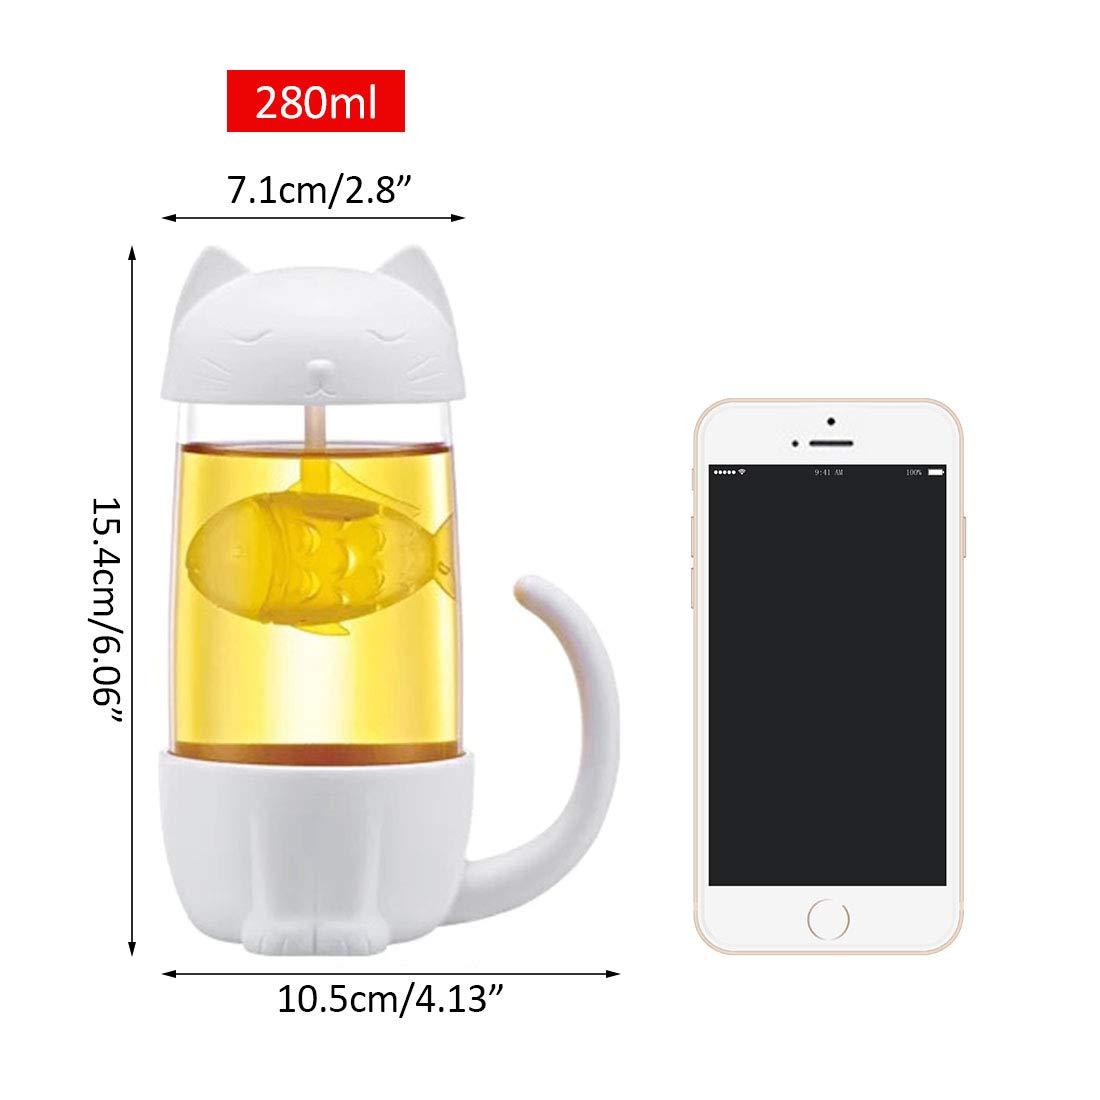 Pinji1 280ML Tasse /à Th/é Portable avec Filtre Infuseur /à Th/é R/ésistant /à la Chaleur Bouteille deau Reutilisable en Verre et PP avec Couvercle Id/éal Bureau Maison Forme Chat Blanc #1